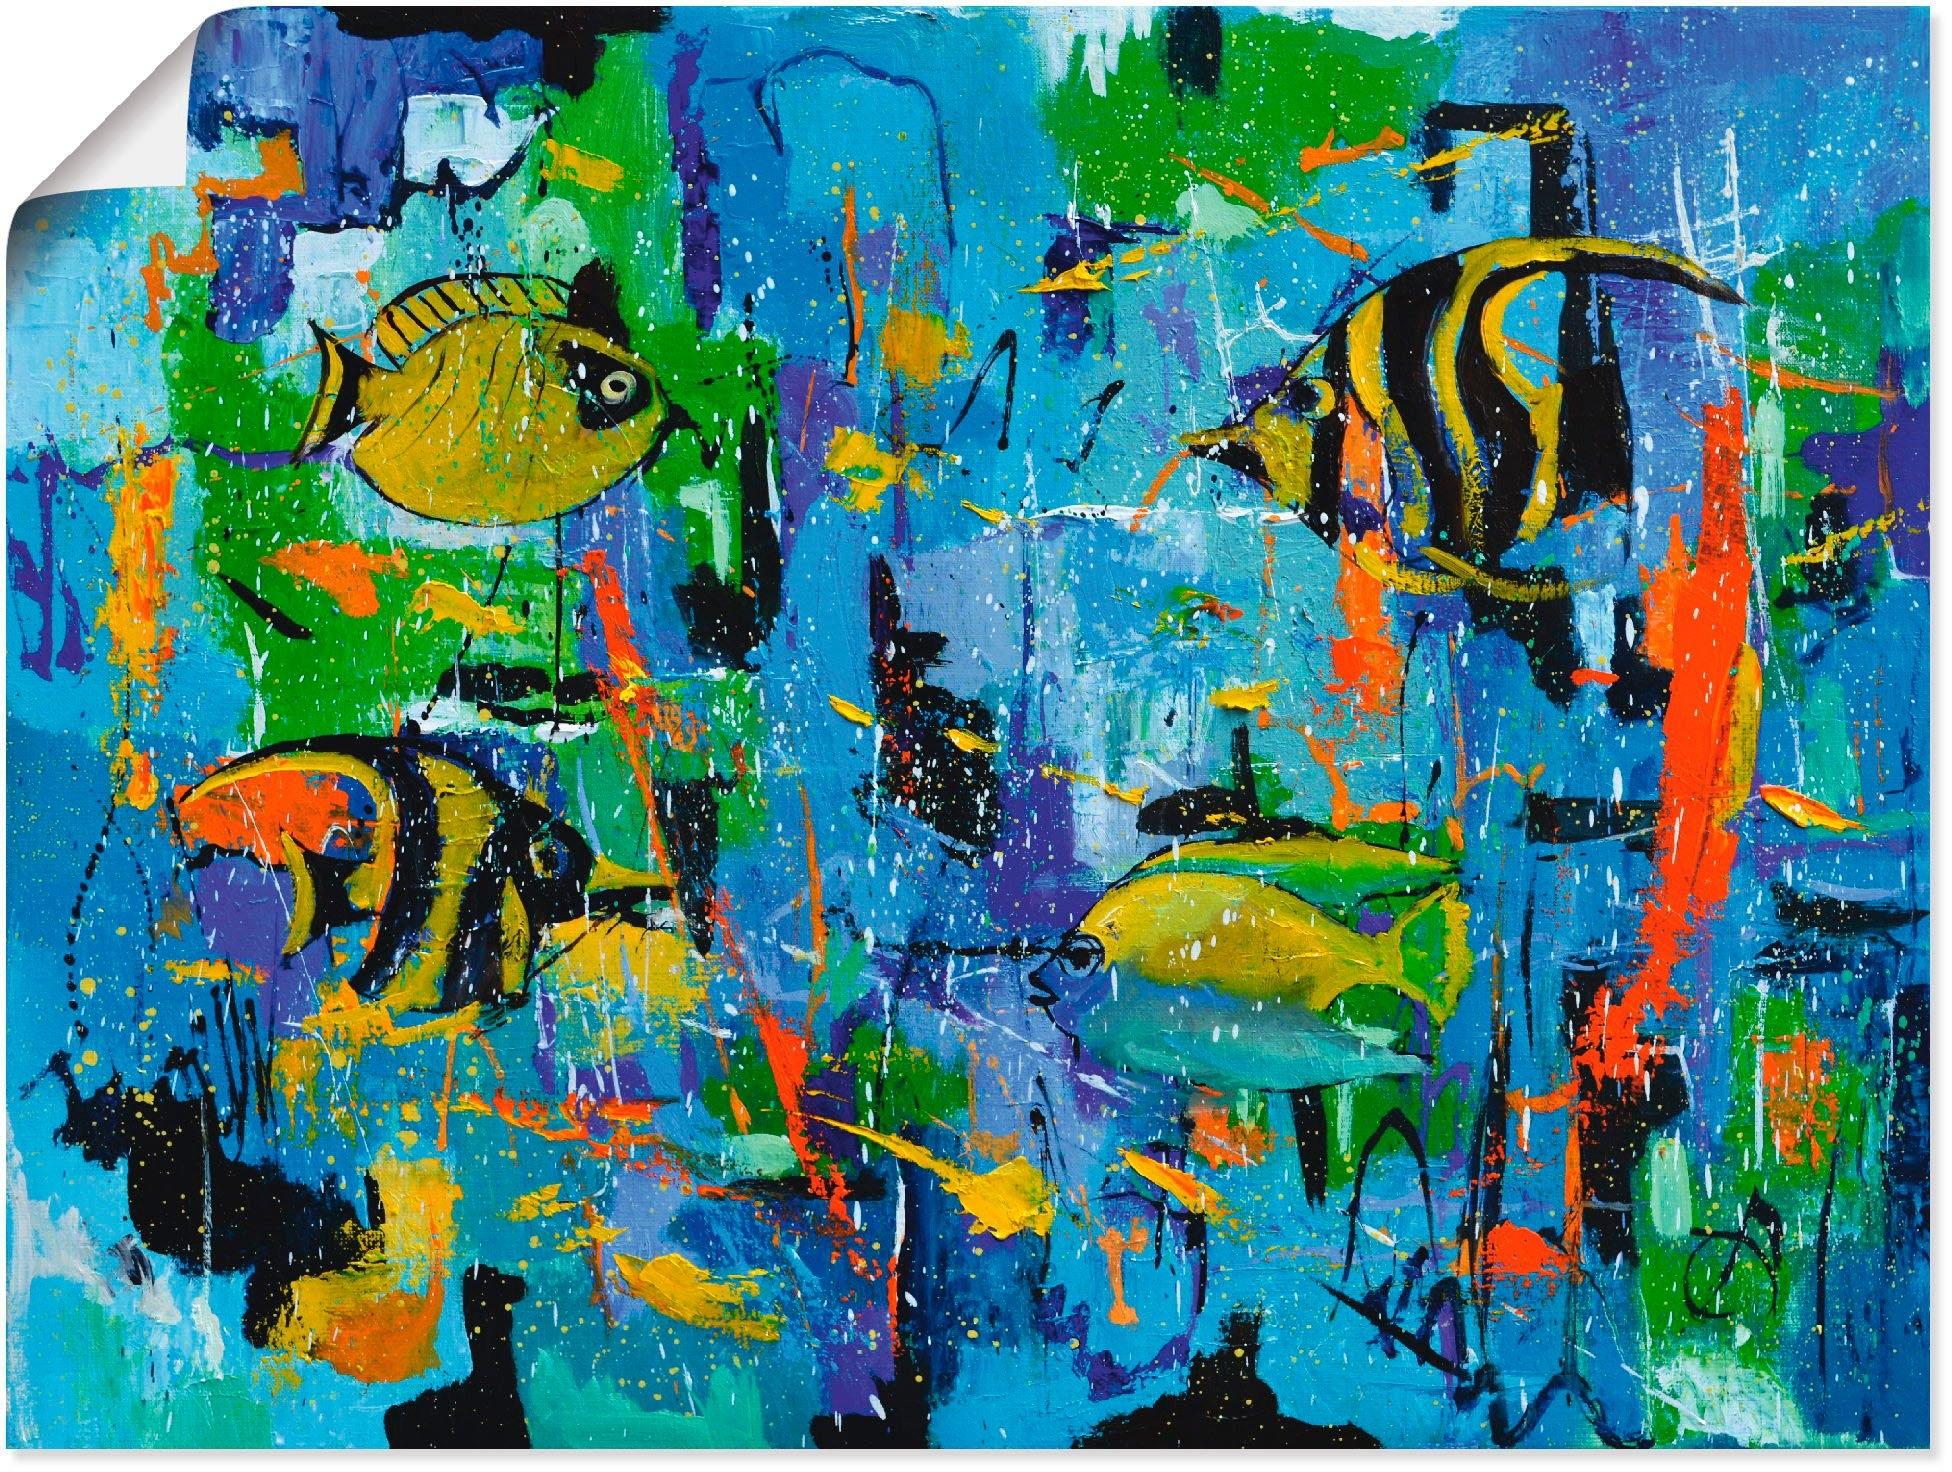 Artland artprint »Abstrakt Fische Blau« goedkoop op otto.nl kopen